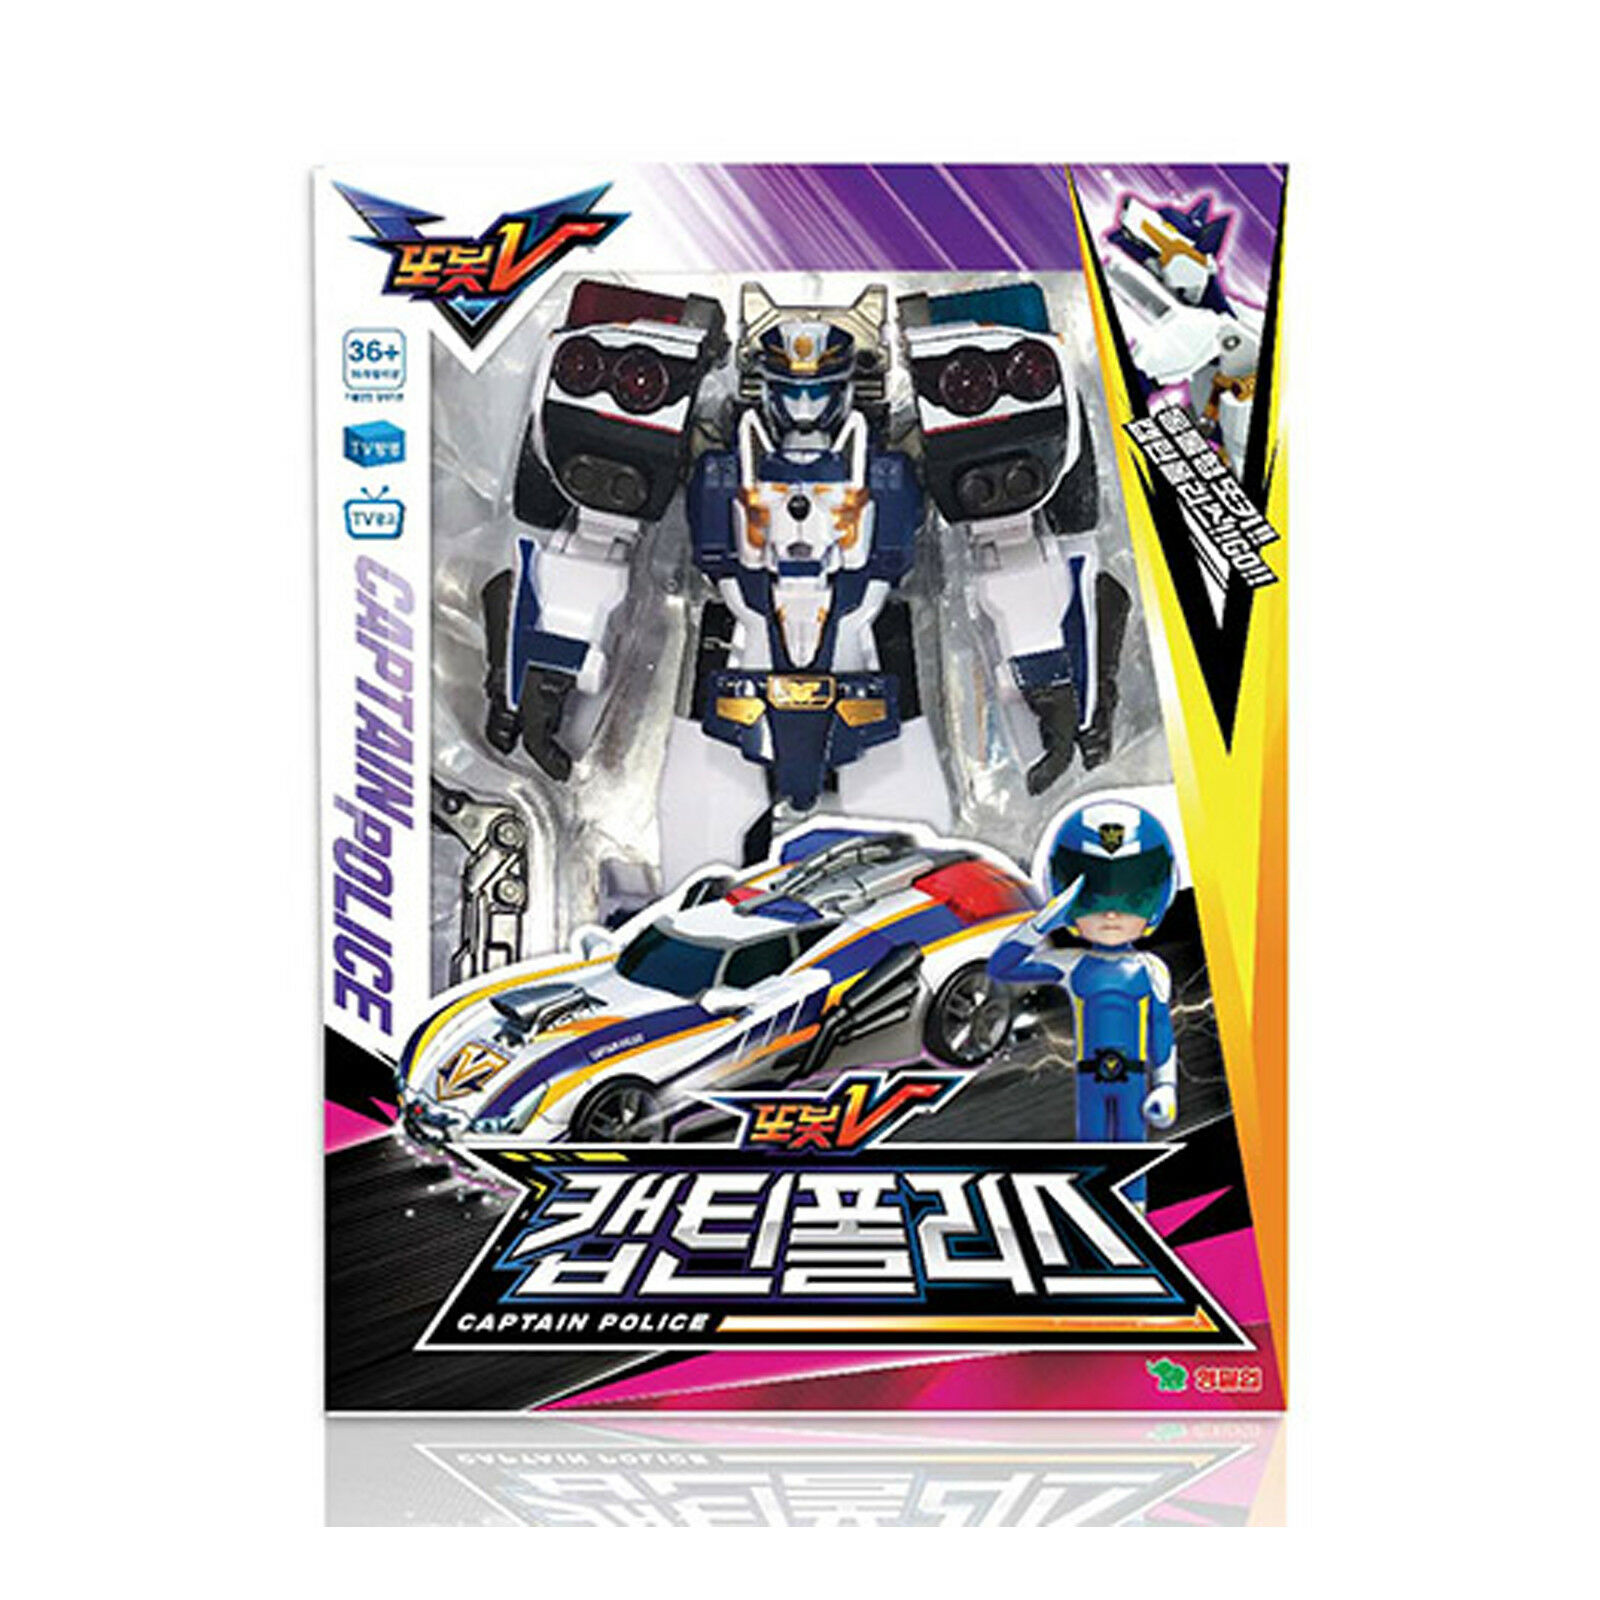 Tobot V Captain Police Transformer Robot Car Toy Action Figure